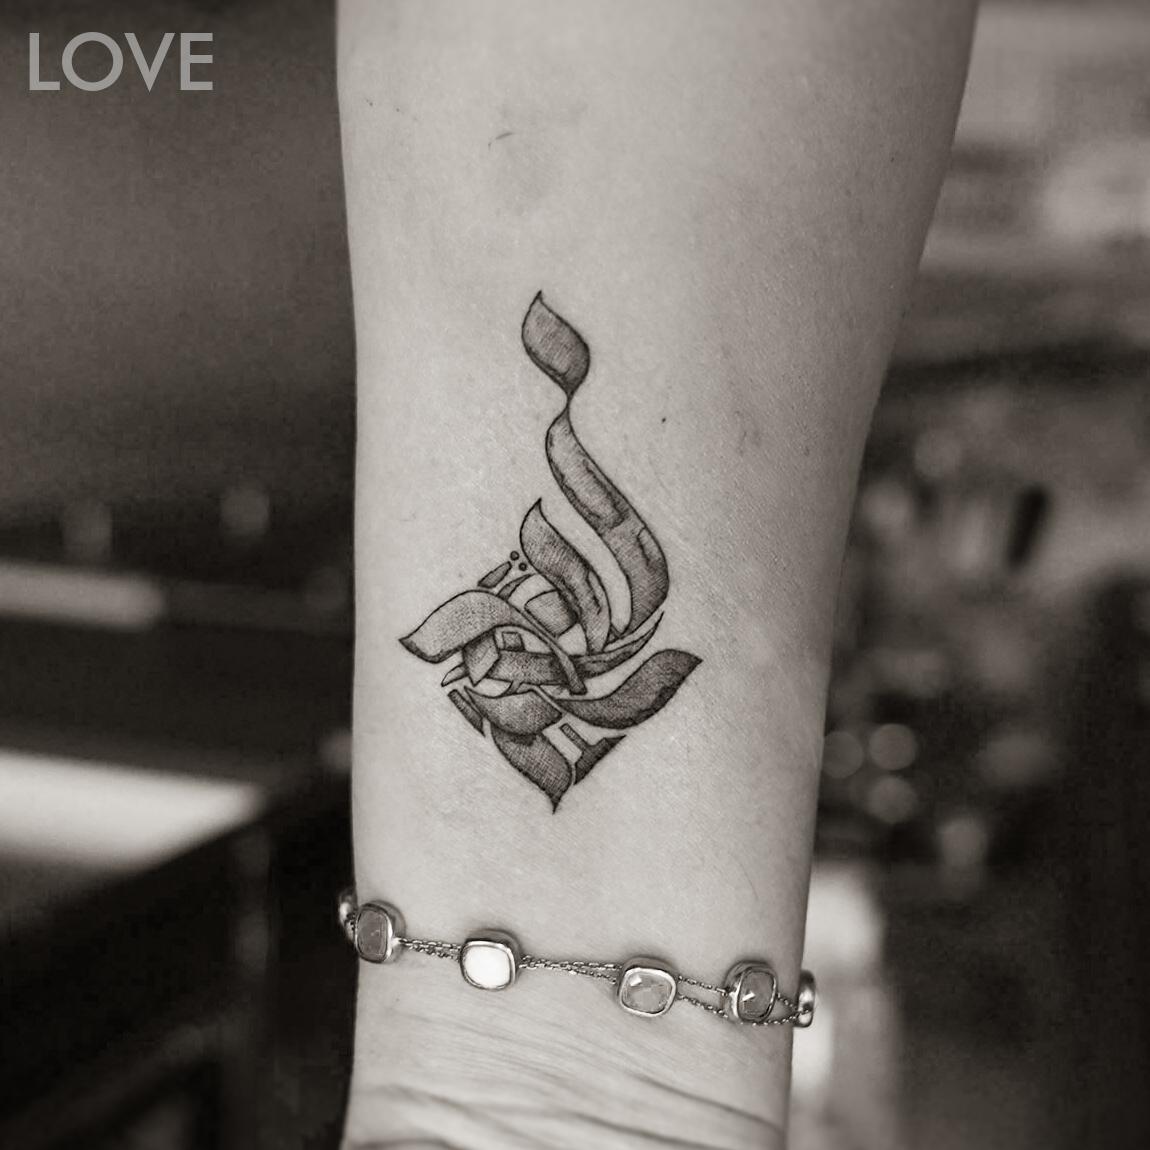 Tattooed in Teheran